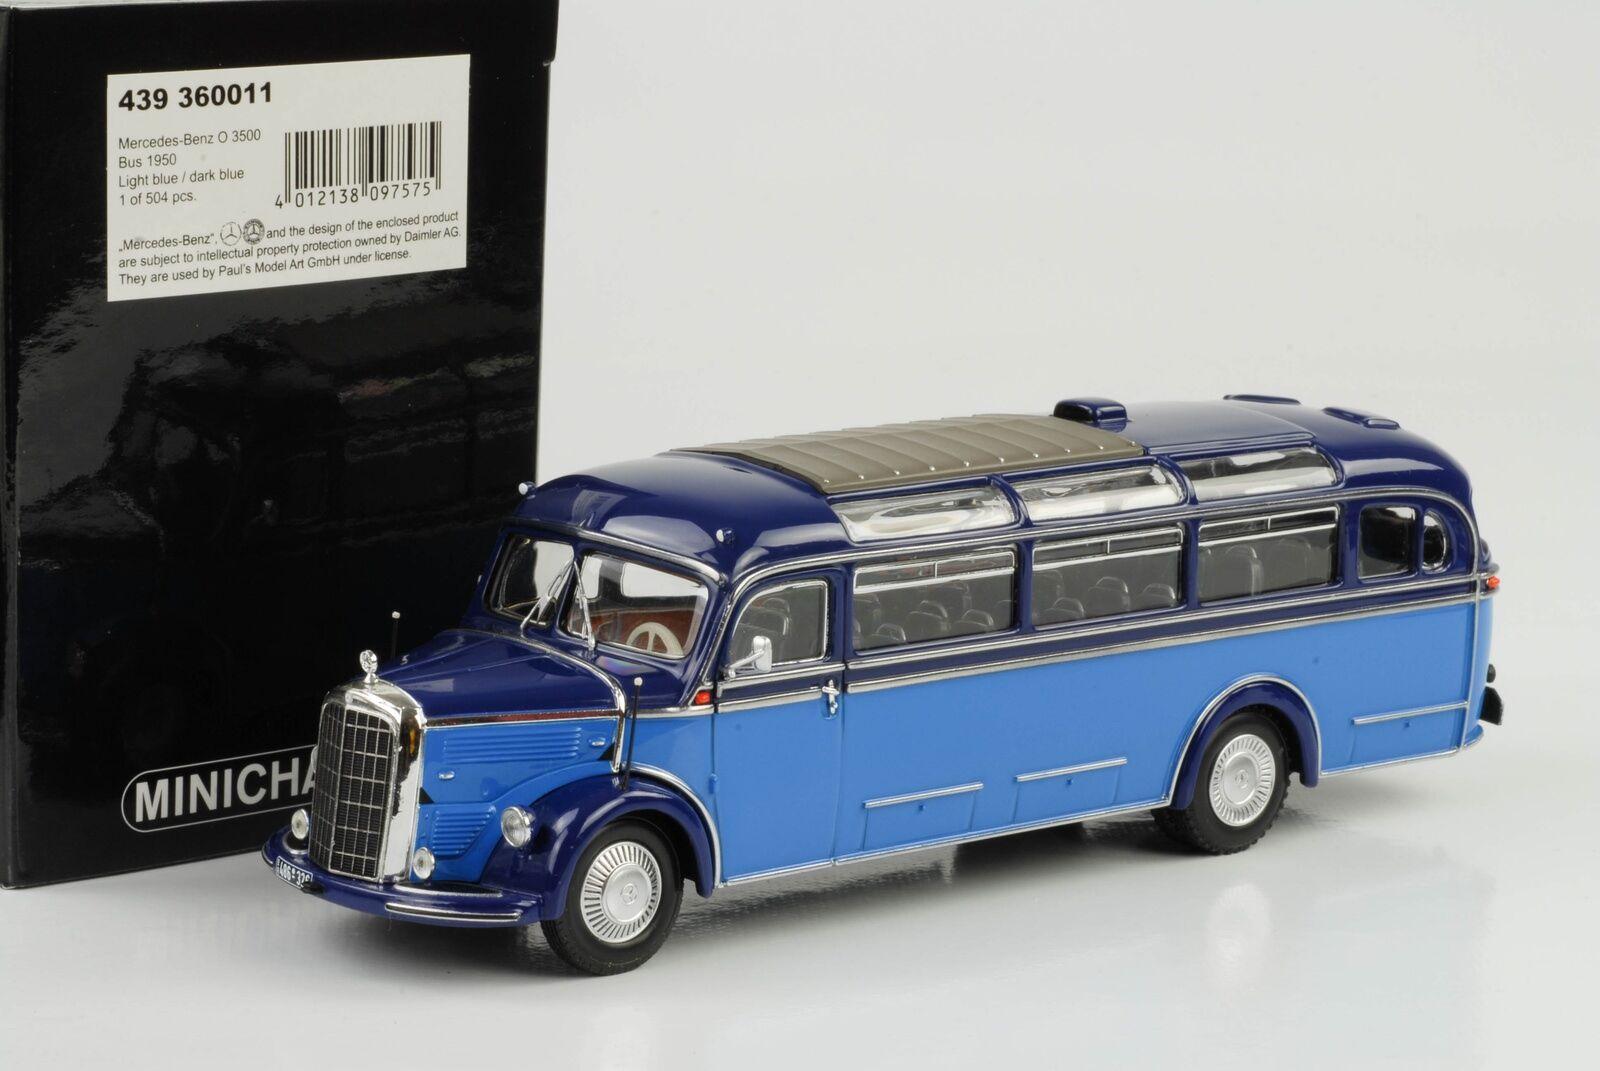 1950 Mercedes -Benz O 3500 buss Hell Dunkel blå 1 43 Minichamps